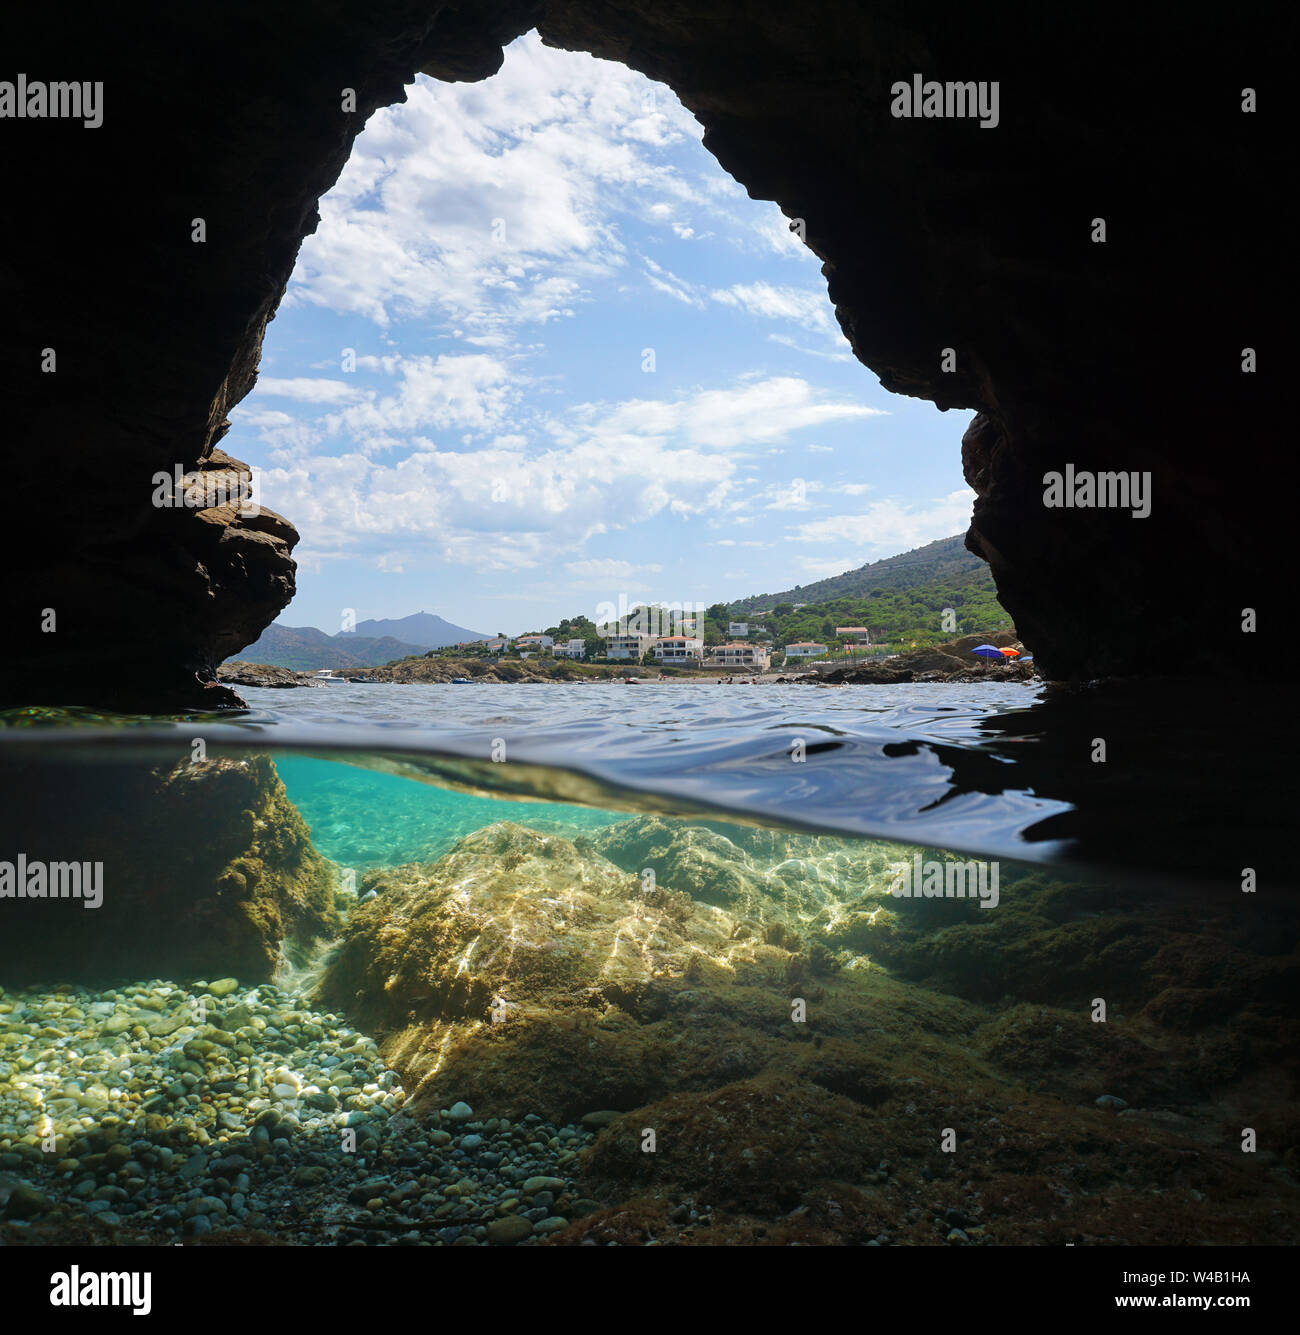 Costa desde el interior de una cueva en la orilla del mar, vista dividida sobre y bajo el agua, el mar Mediterráneo, España, el Port de la Selva, Costa Brava, Cataluña Foto de stock